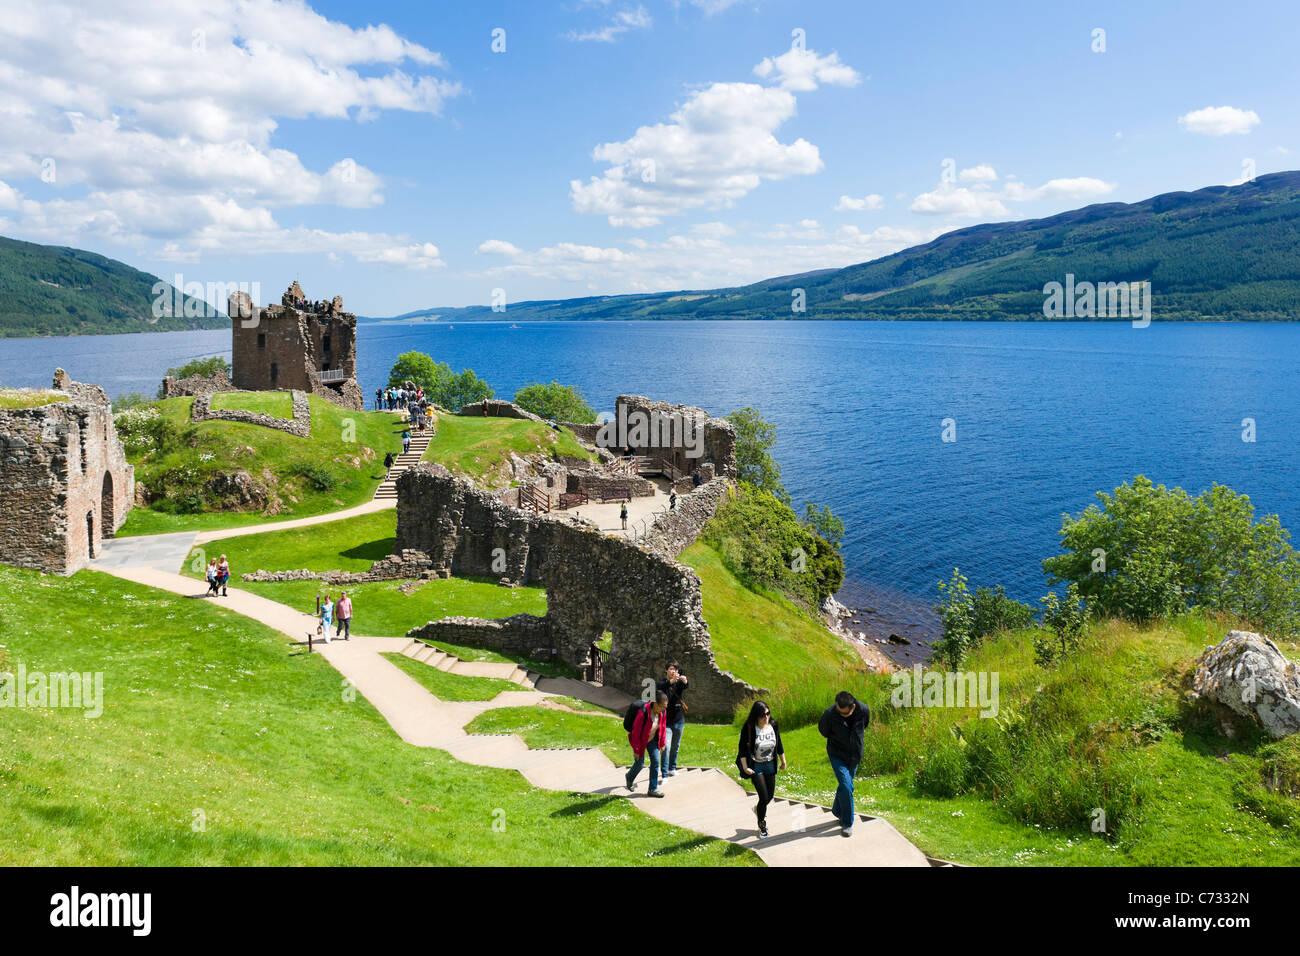 Urquhart Castle am Ufer des Loch Ness (Standort vieler Nessie Sichtungen), Inverness, Schottland, Großbritannien. Stockbild